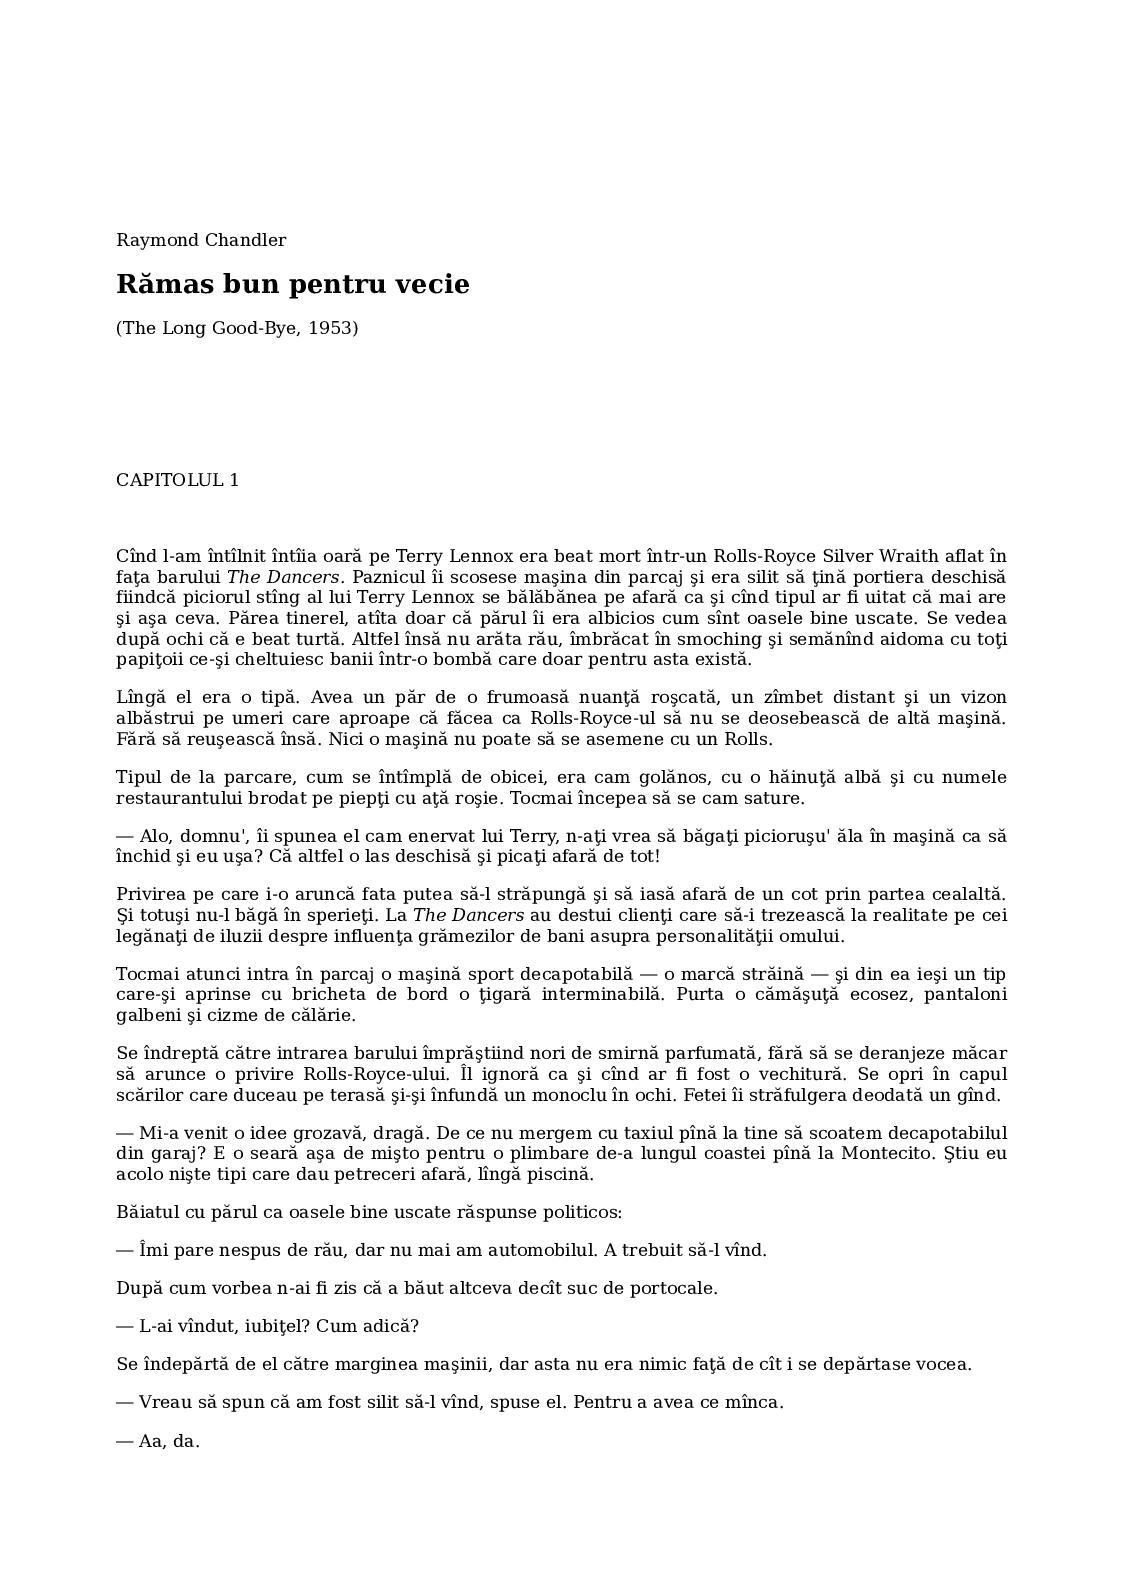 Găluște Ural pierde în greutate în cântec de test despre ziua victoriei